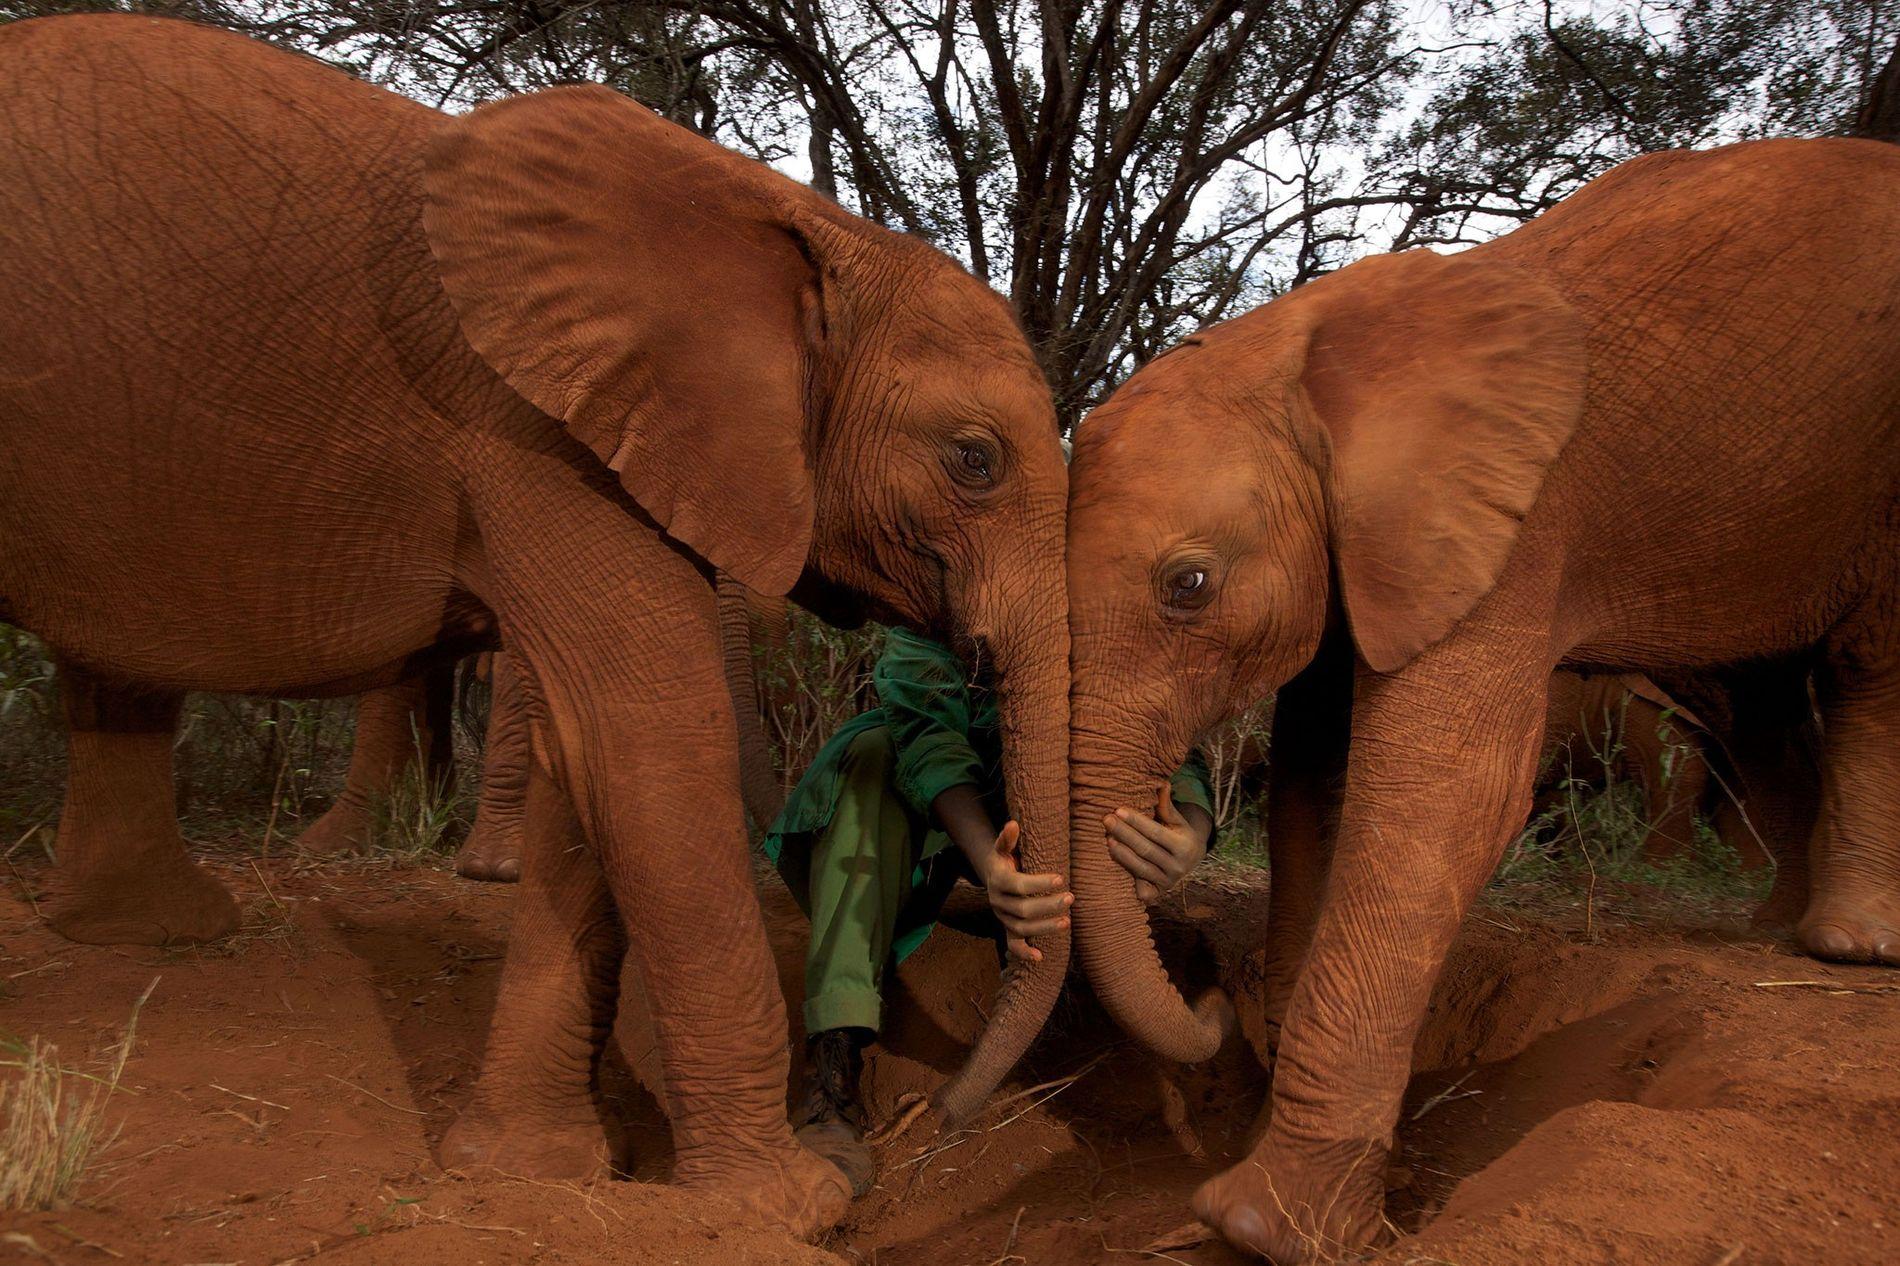 Considerando o tamanho e a longevidade dos elefantes, eles possuem um índice de câncer surpreendentemente baixo. ...